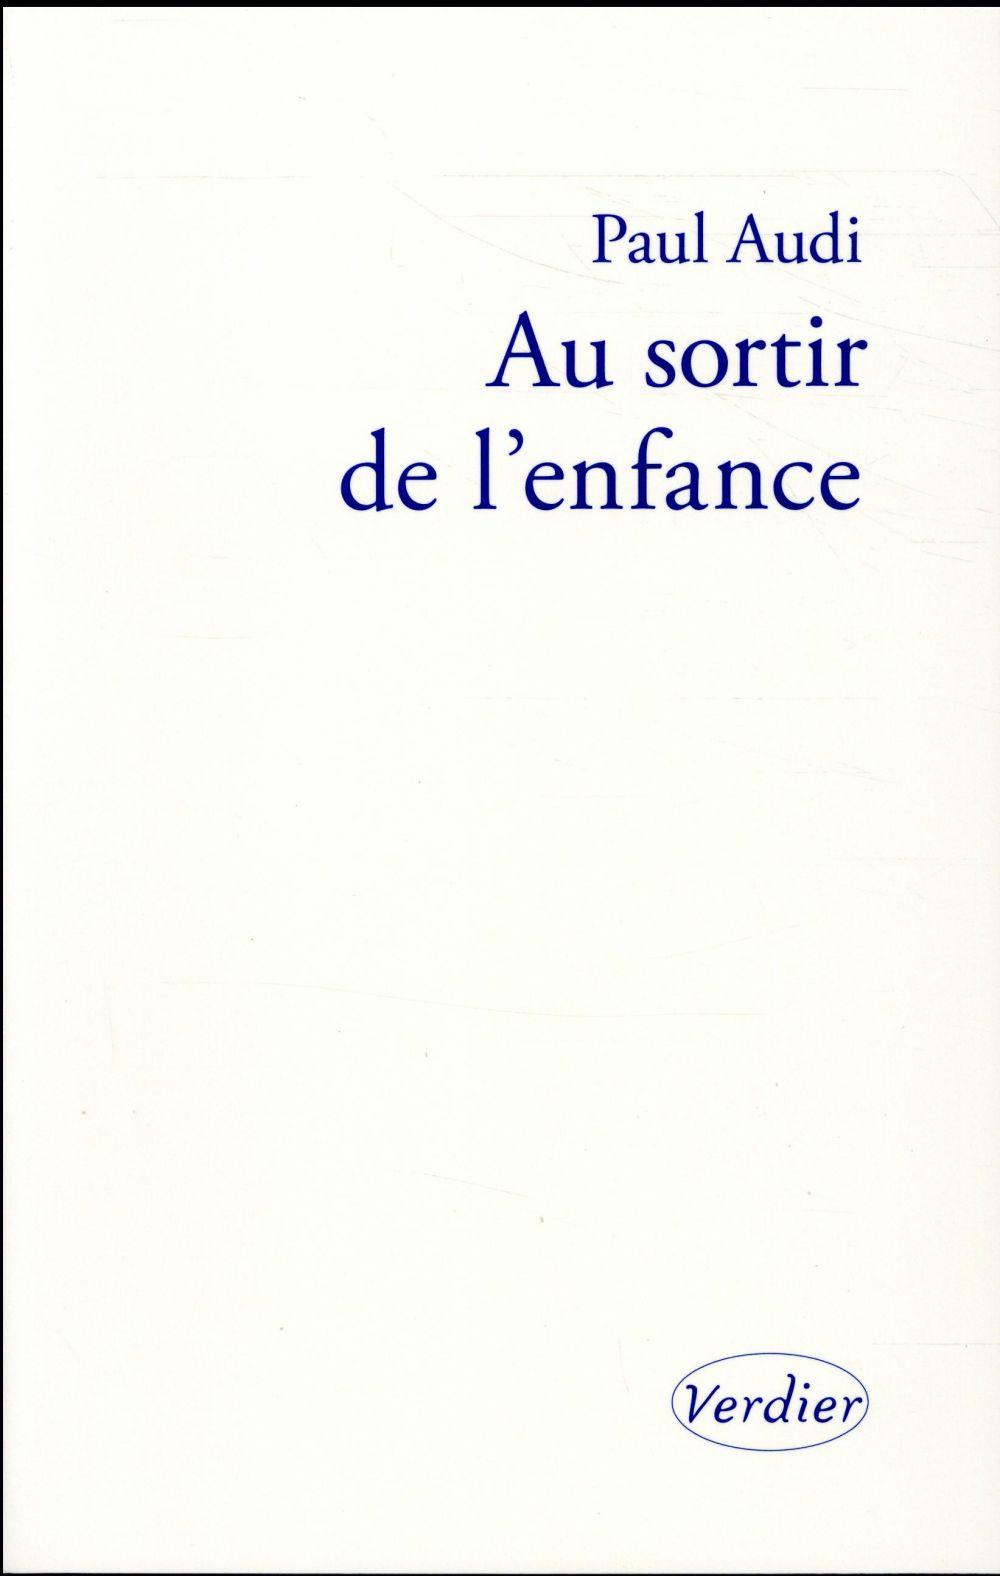 AU SORTIR DE L'ENFANCE